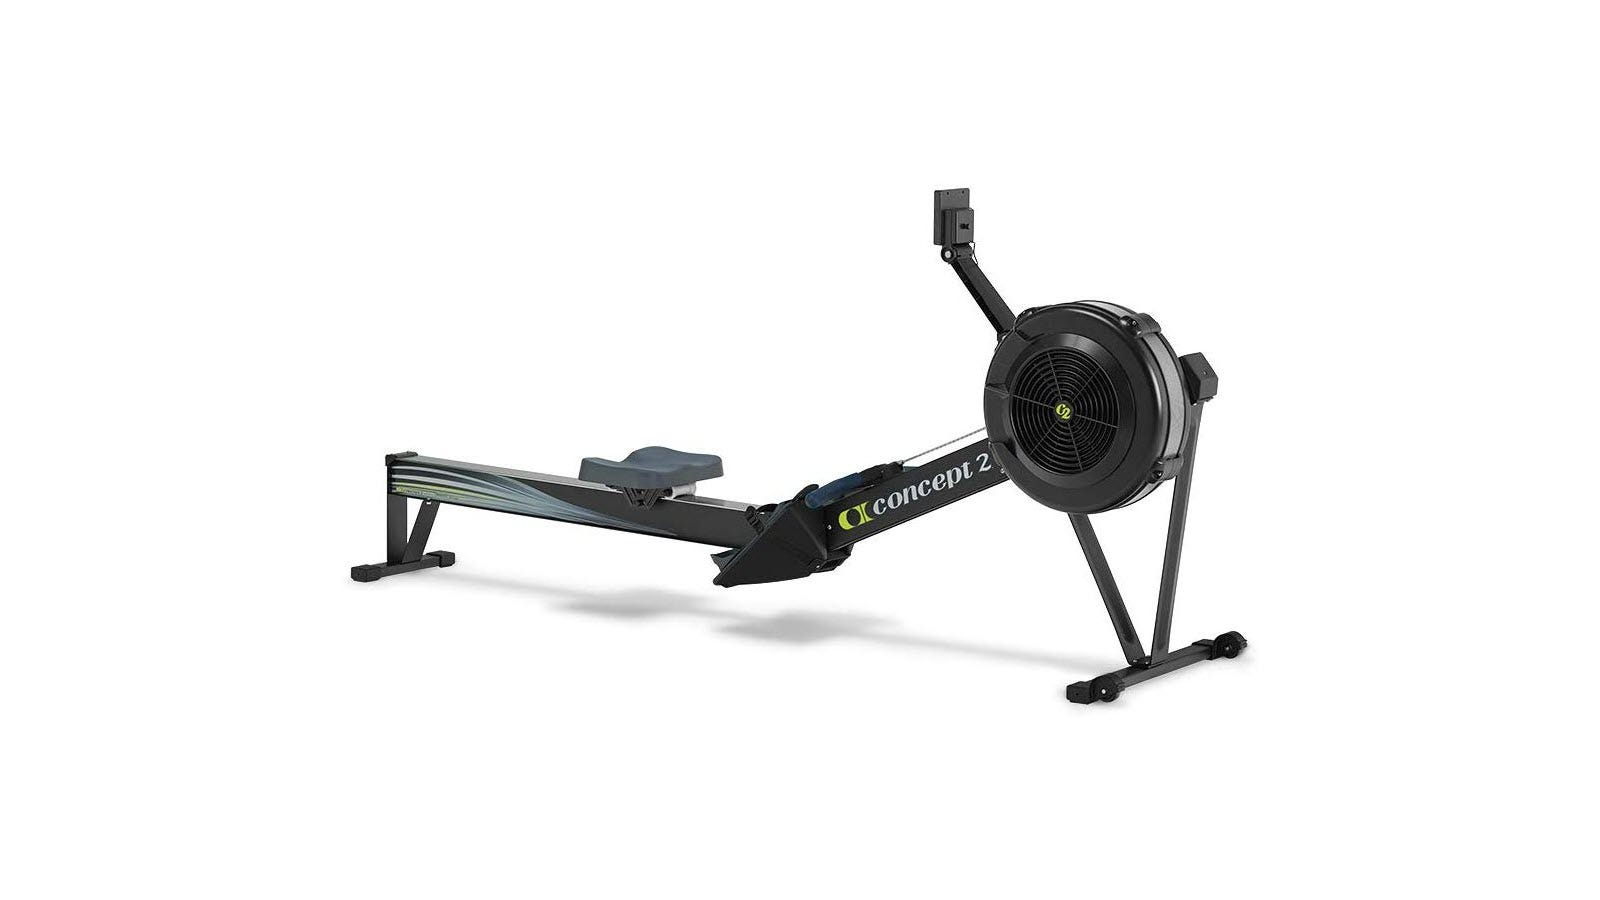 The Concept2 Model D Indoor Rowing Machine